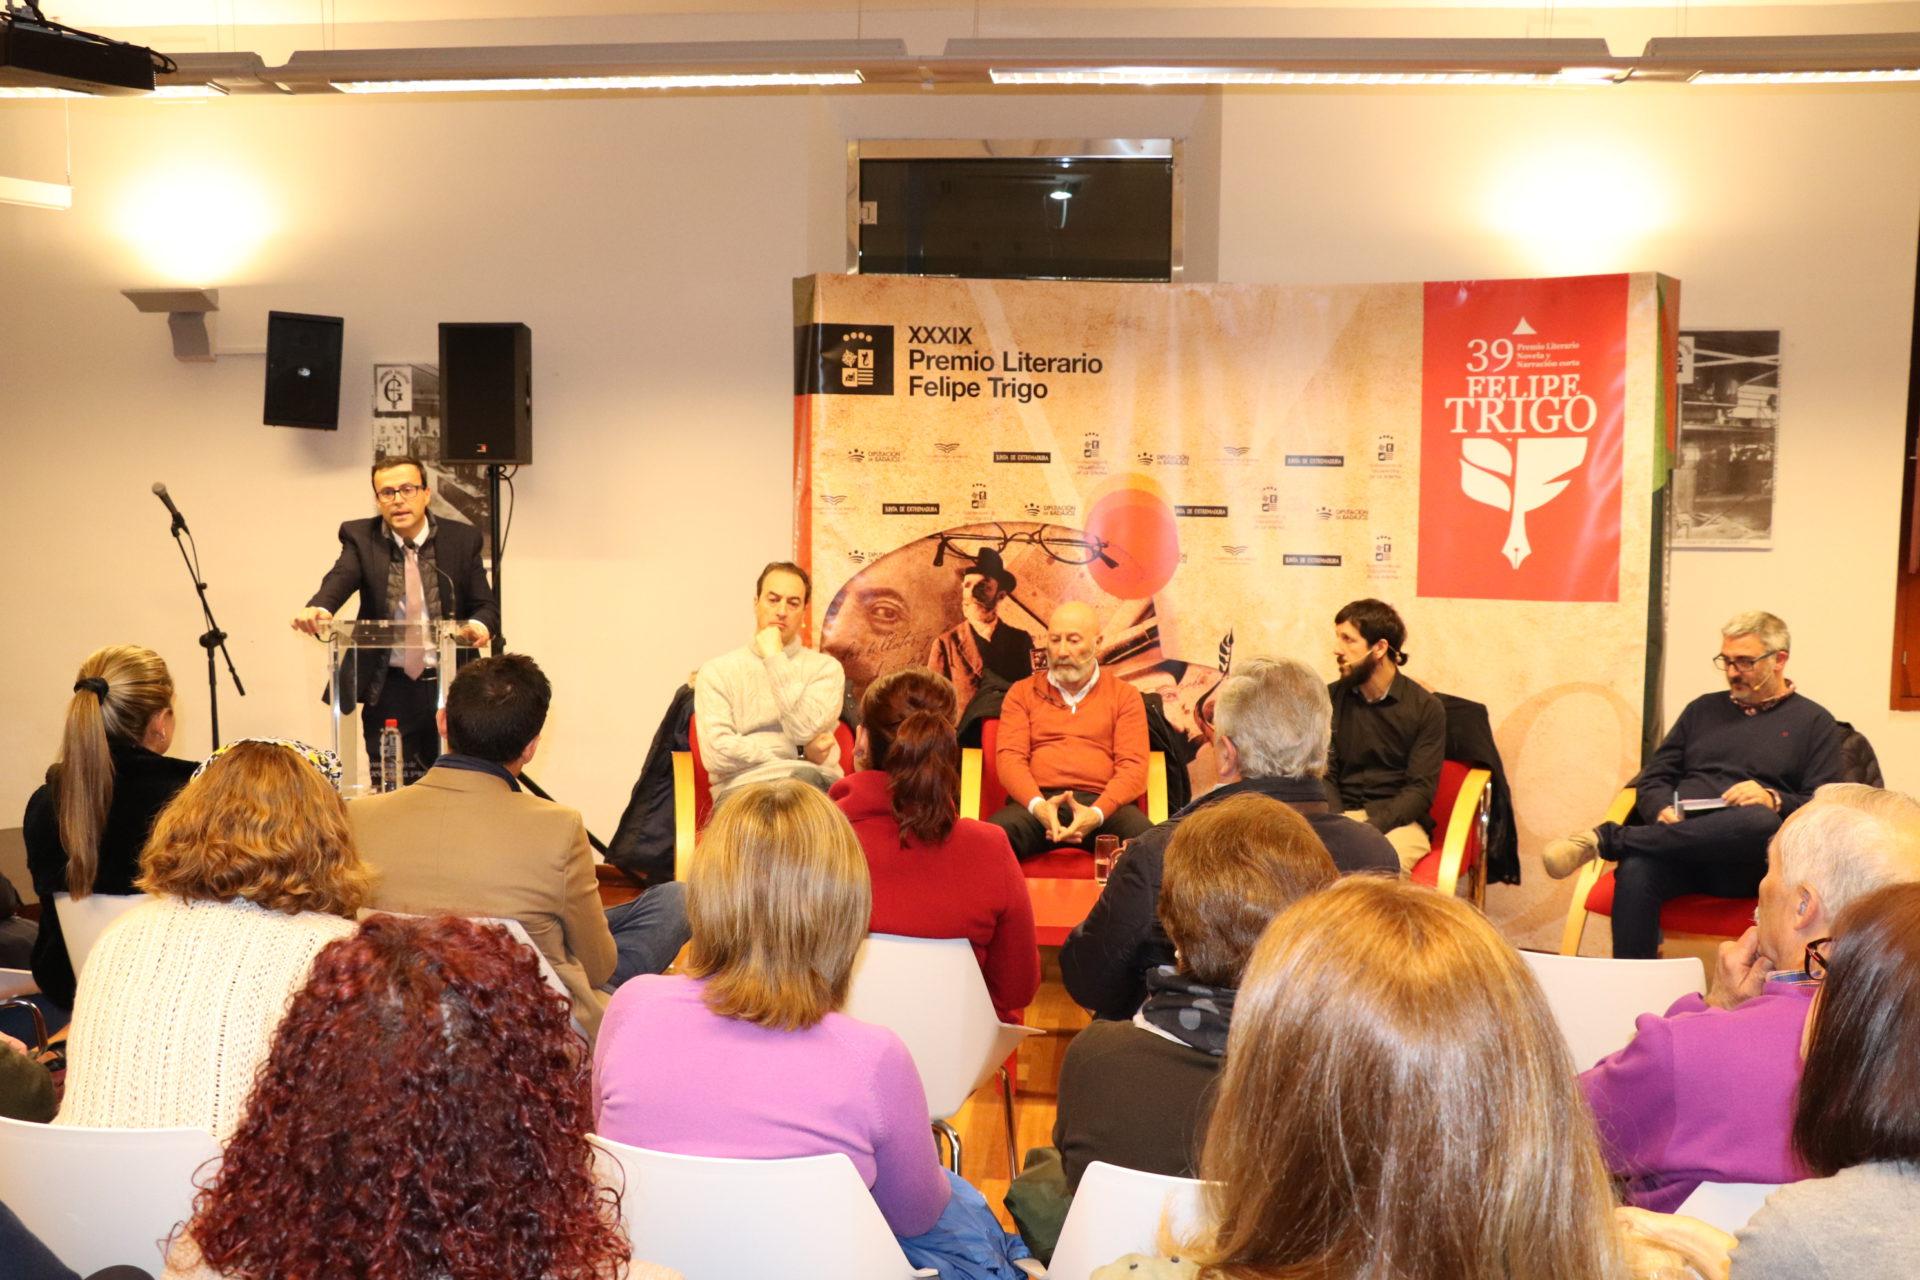 Ignacio del Valle, Mariano Catoni, José Antonio Ramírez y Diego González, hablan de lo que significó haber ganado el Premio Literario Felipe Trigo